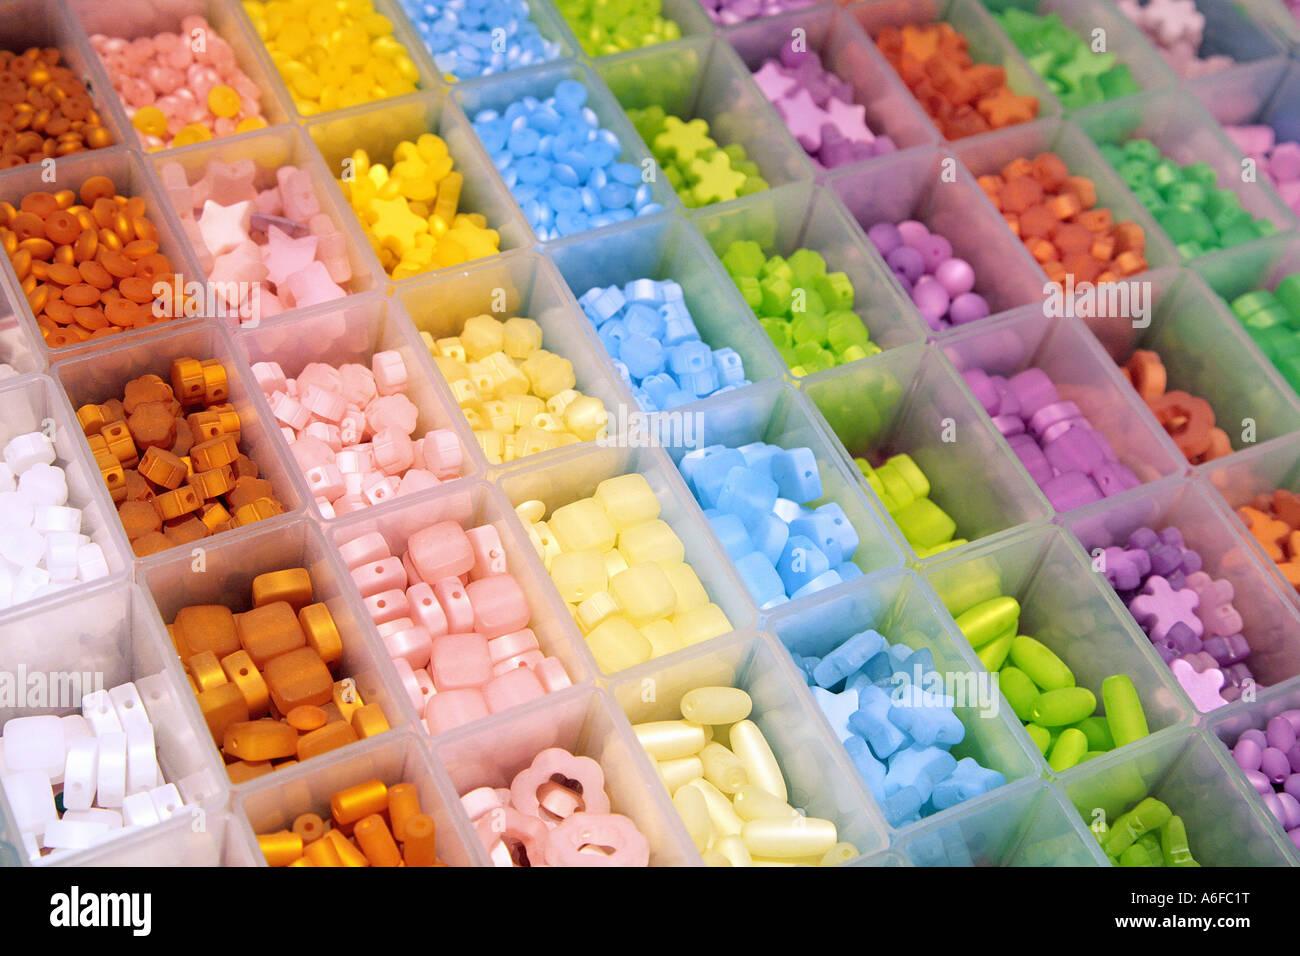 gemstones Schmucksteine - Stock Image